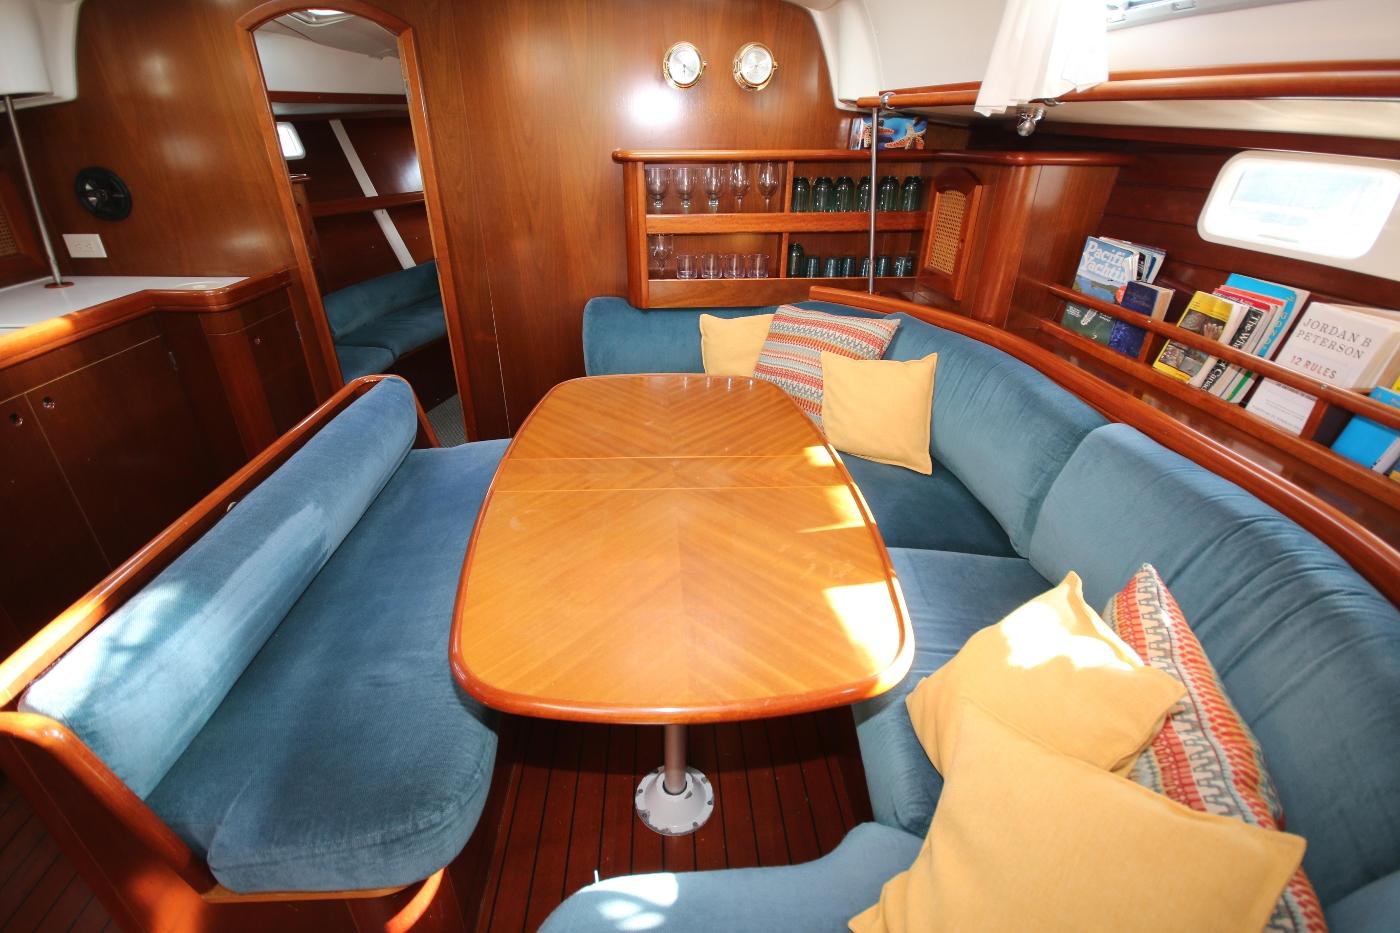 1997 Beneteau Oceanis 461, Dining table & settee